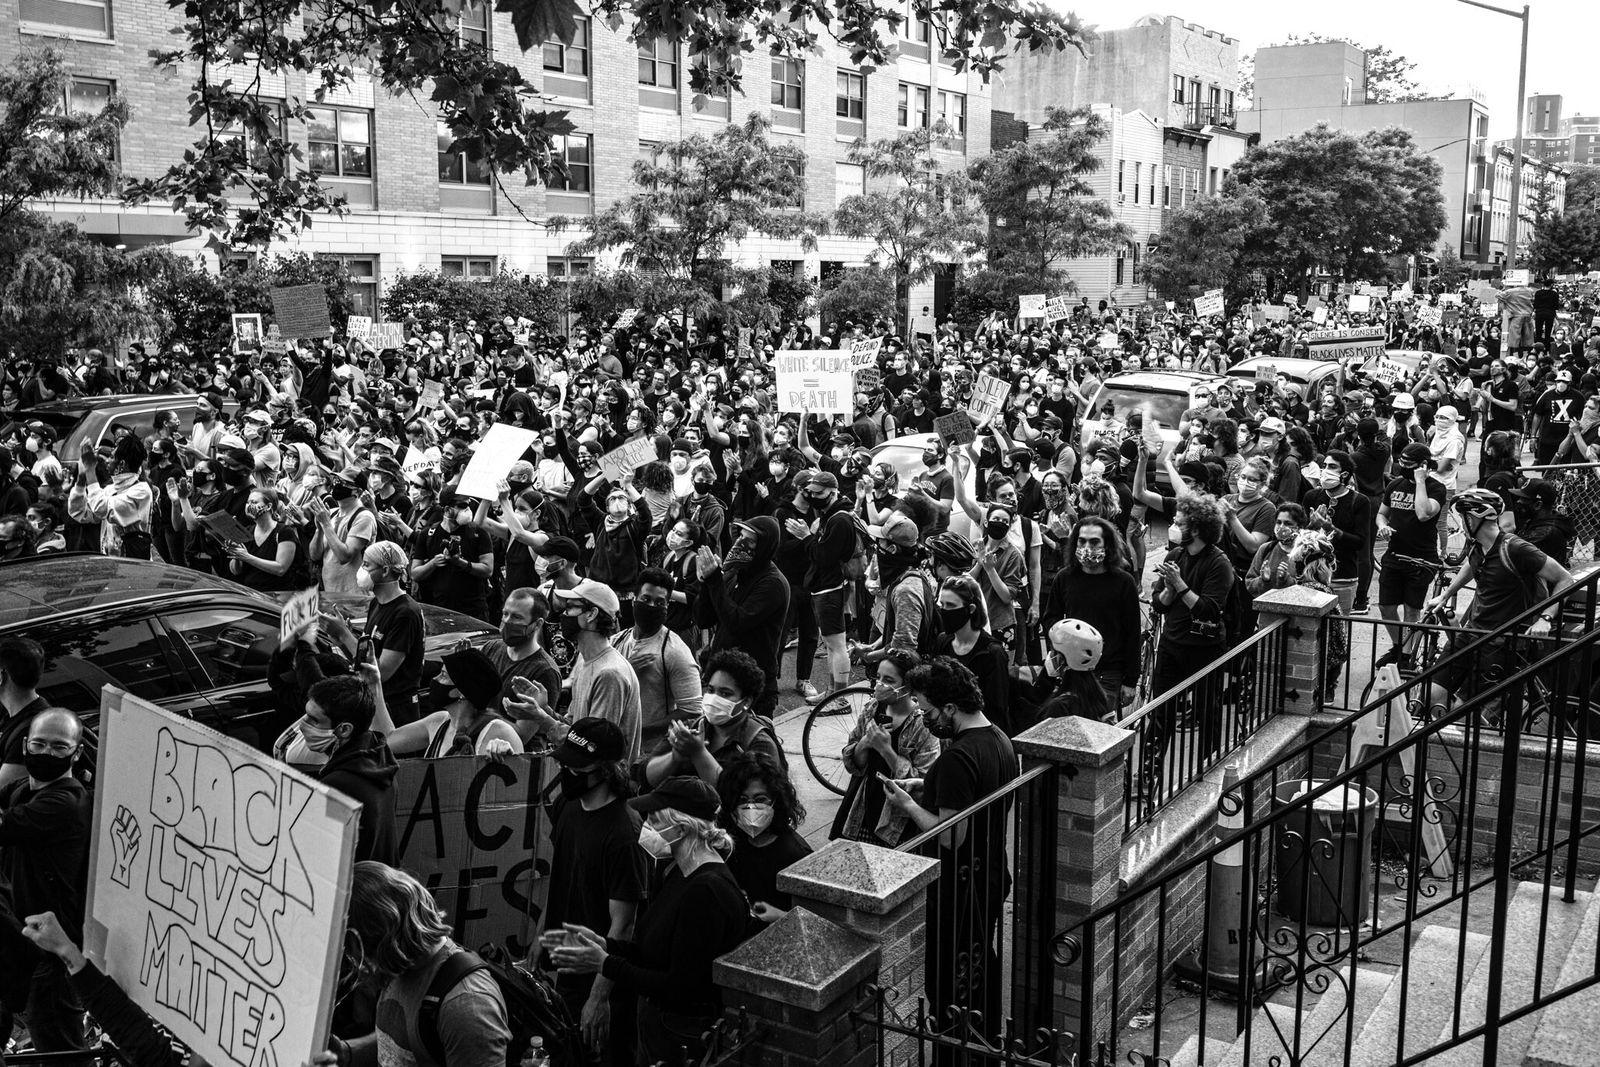 Los manifestantes protestan contra la brutalidad policial